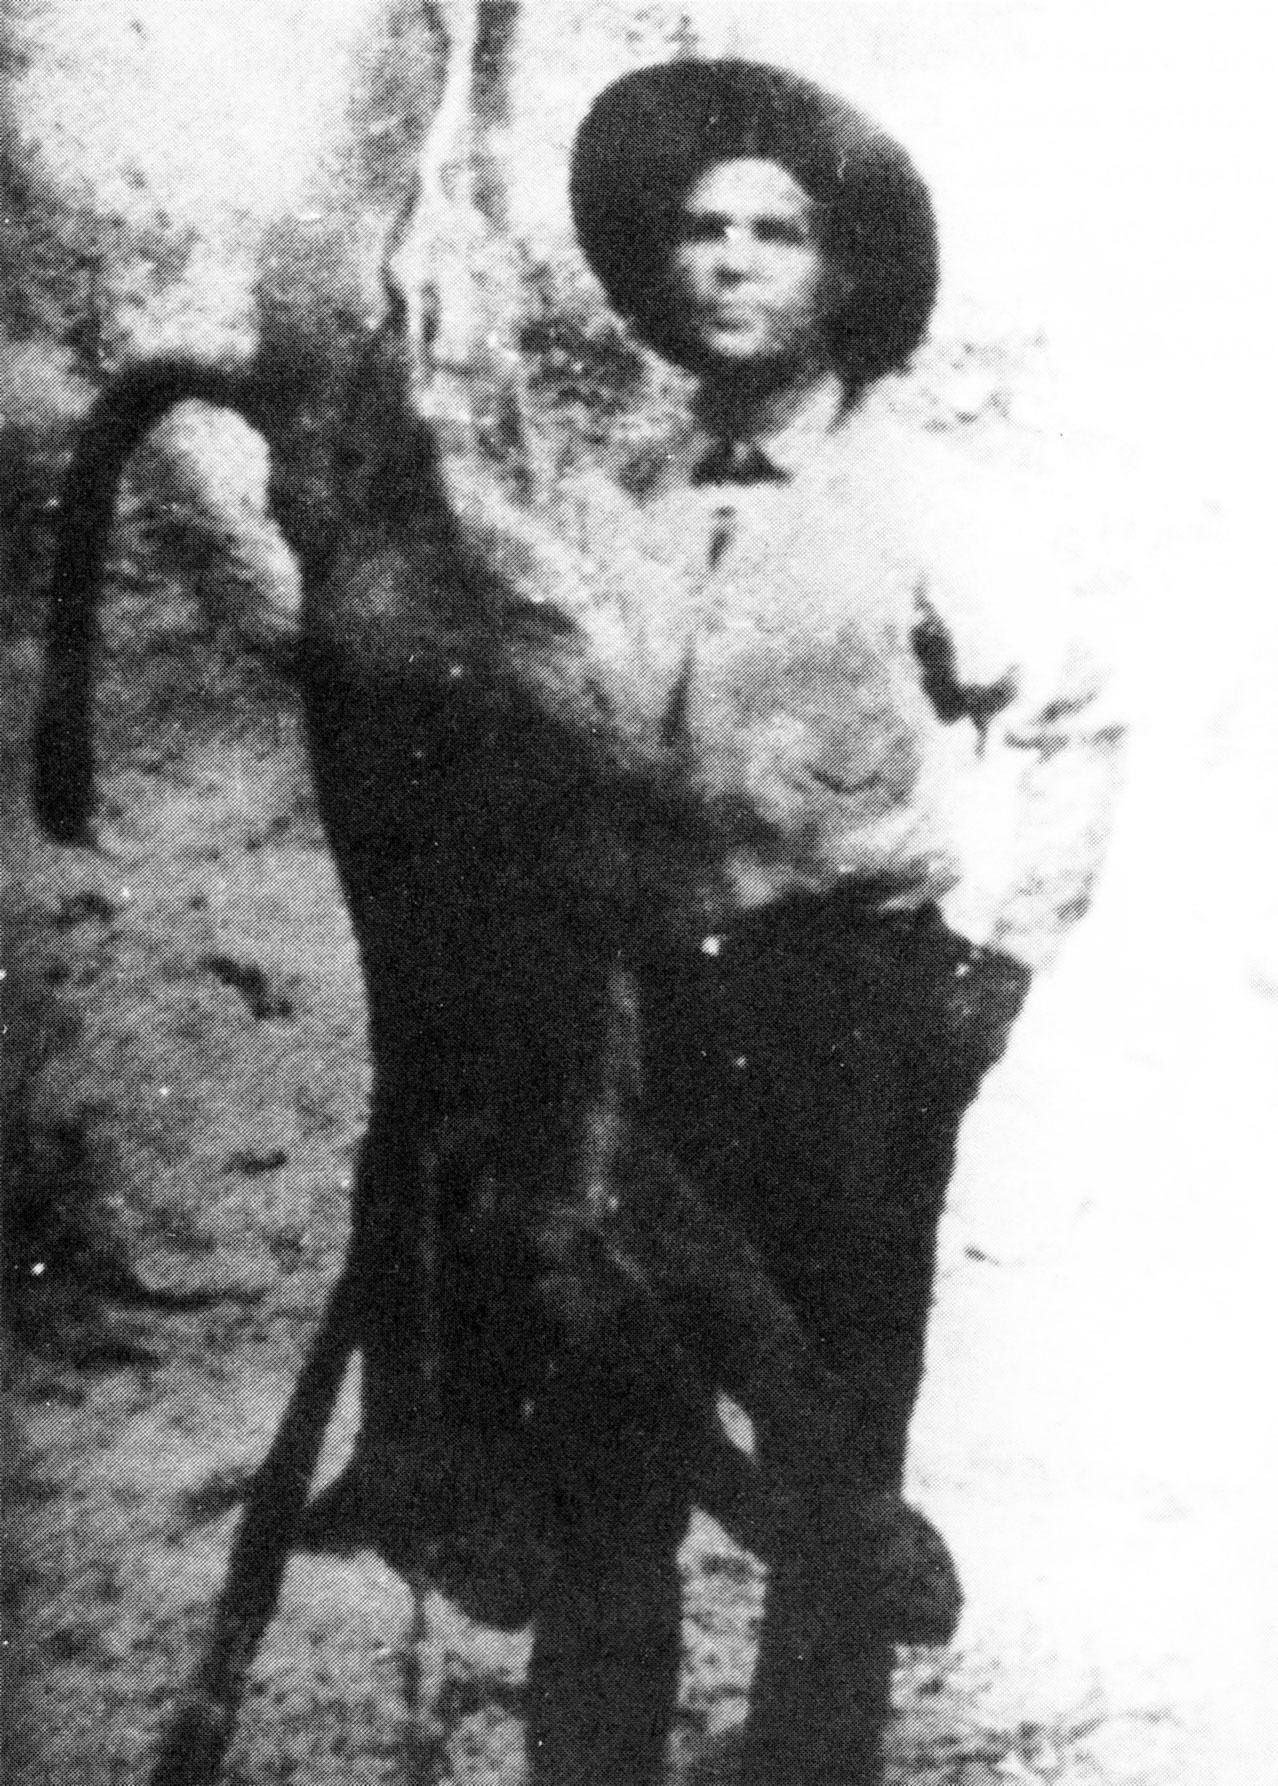 Ruggles posa di fianco alla presunta onza da lui abbattuta nel 1926